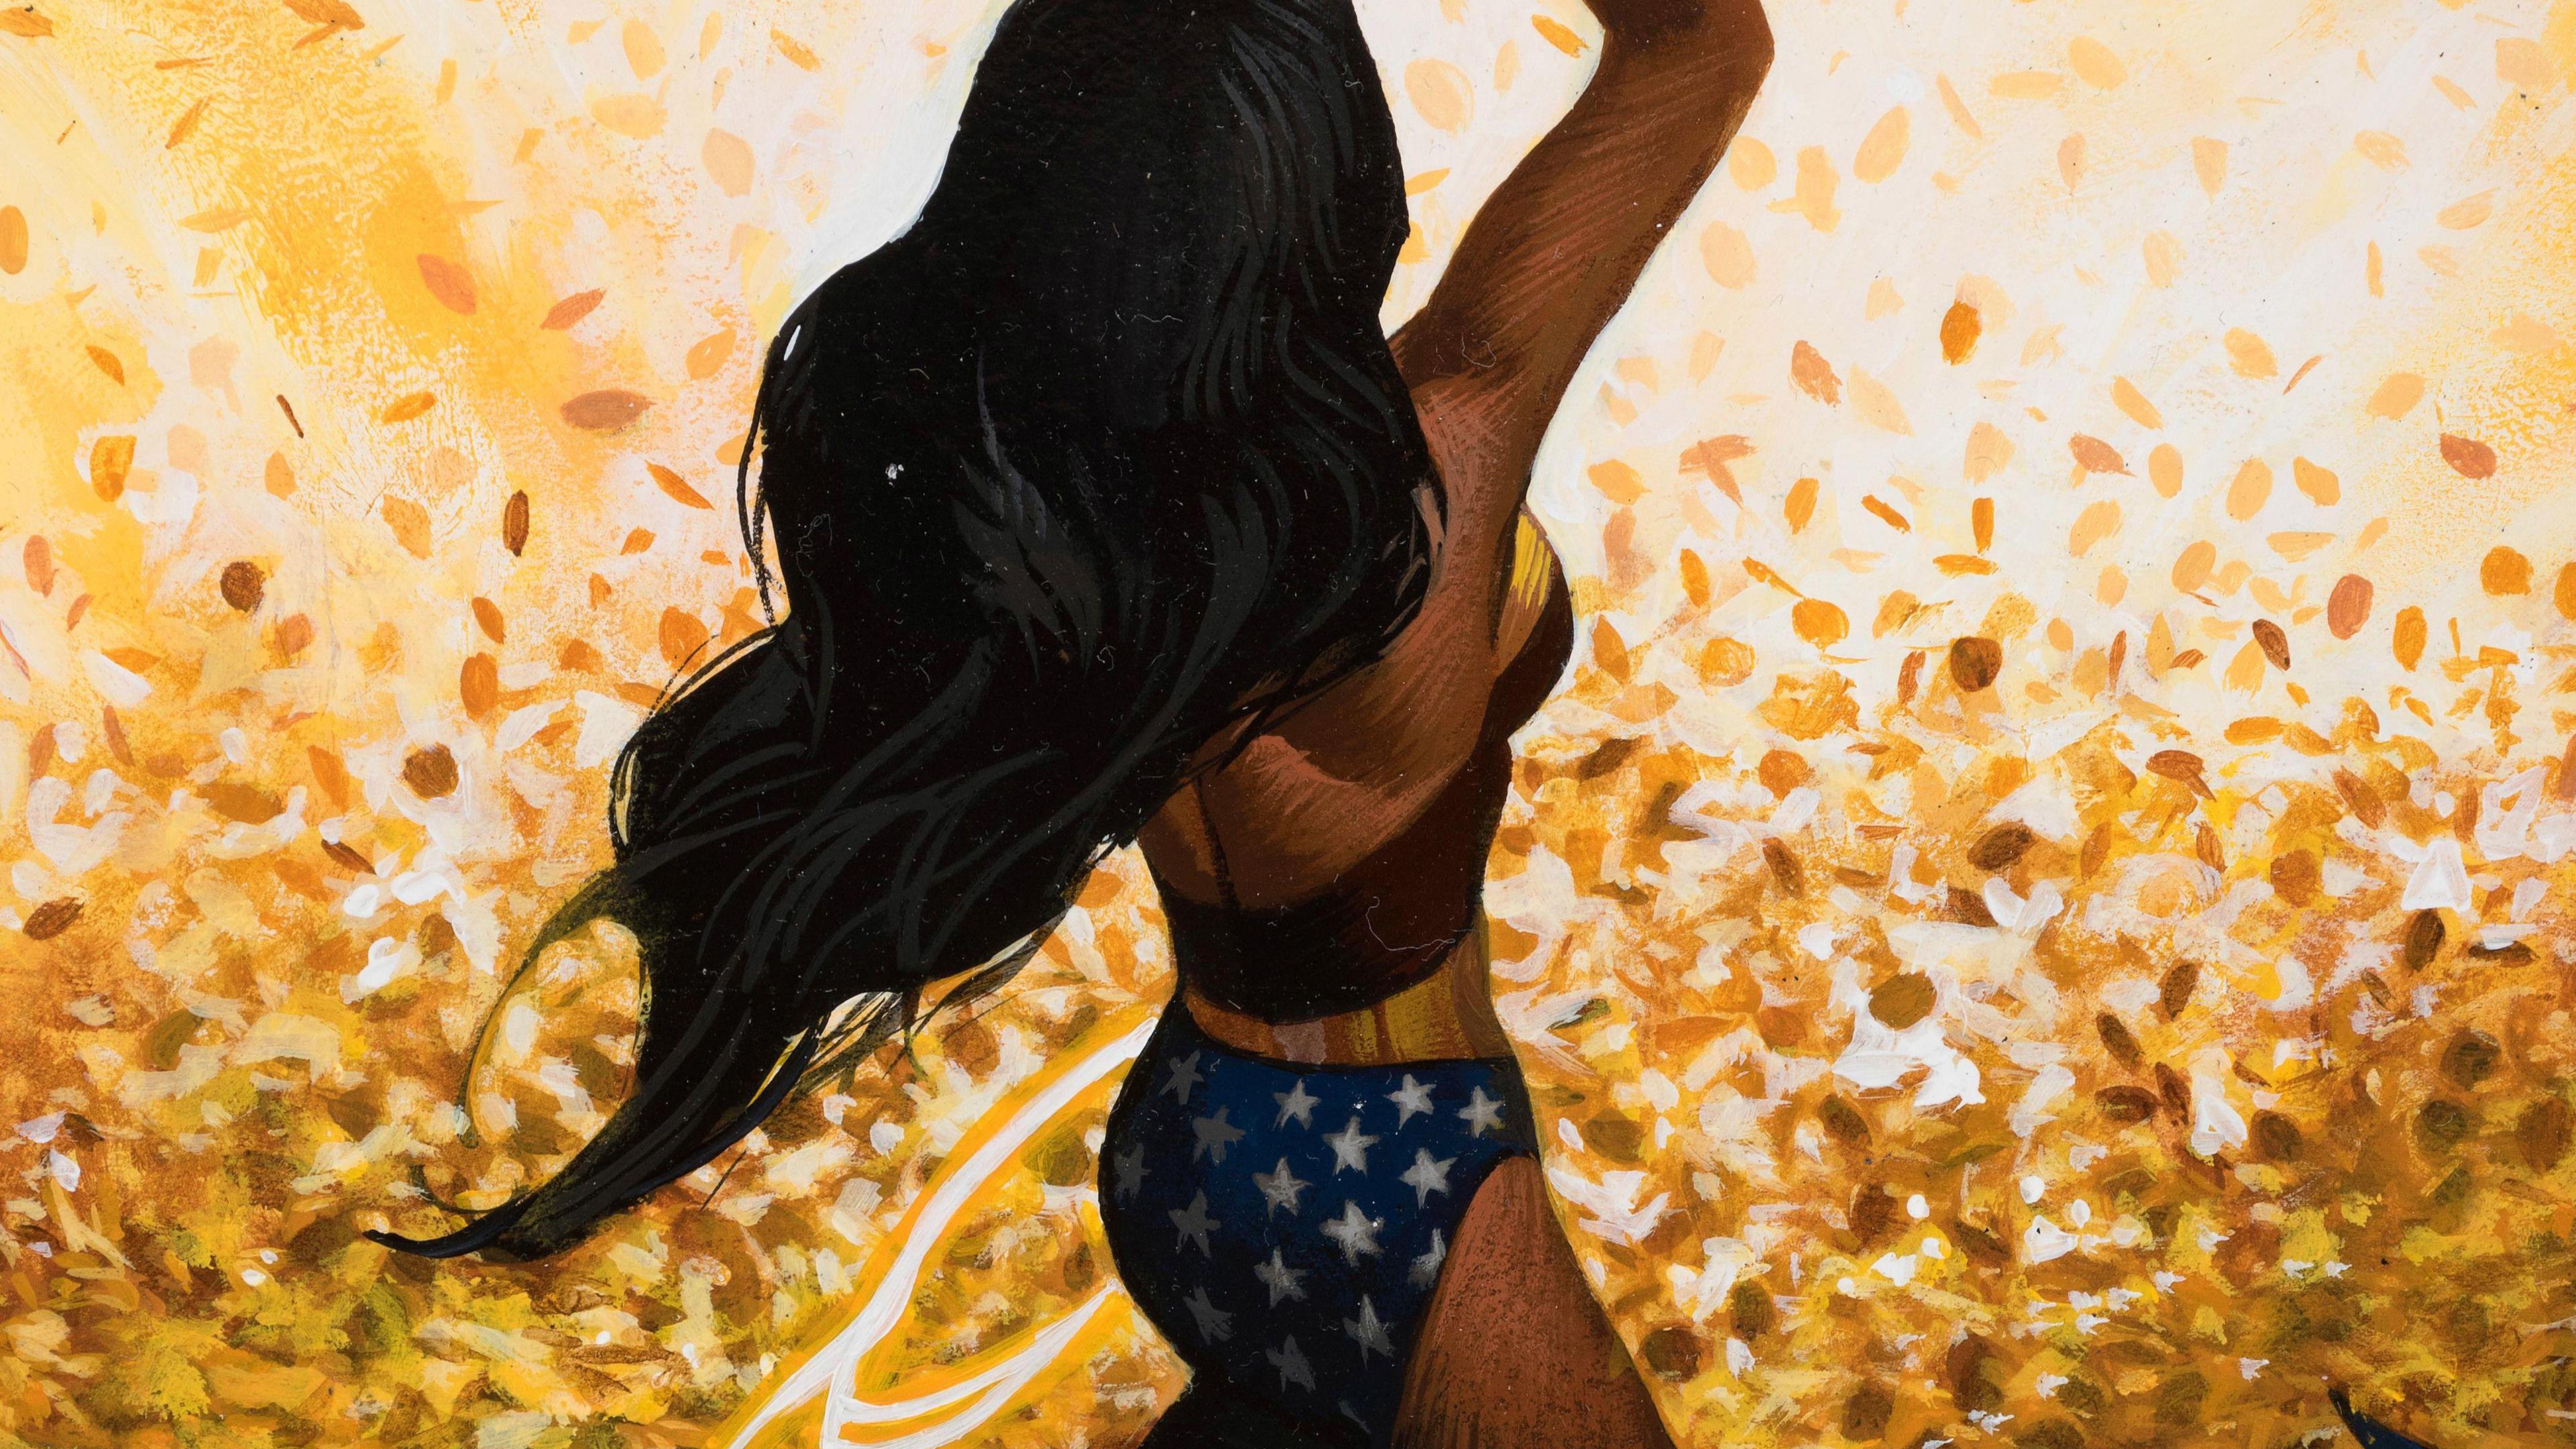 Wonder Woman 4k Artwork Wonder Woman Wallpapers Super Heroes Wallpapers Hd Wallpapers Digital Art Wallpapers Artwork Wonder Woman Wonder Hero Wallpapers Hd